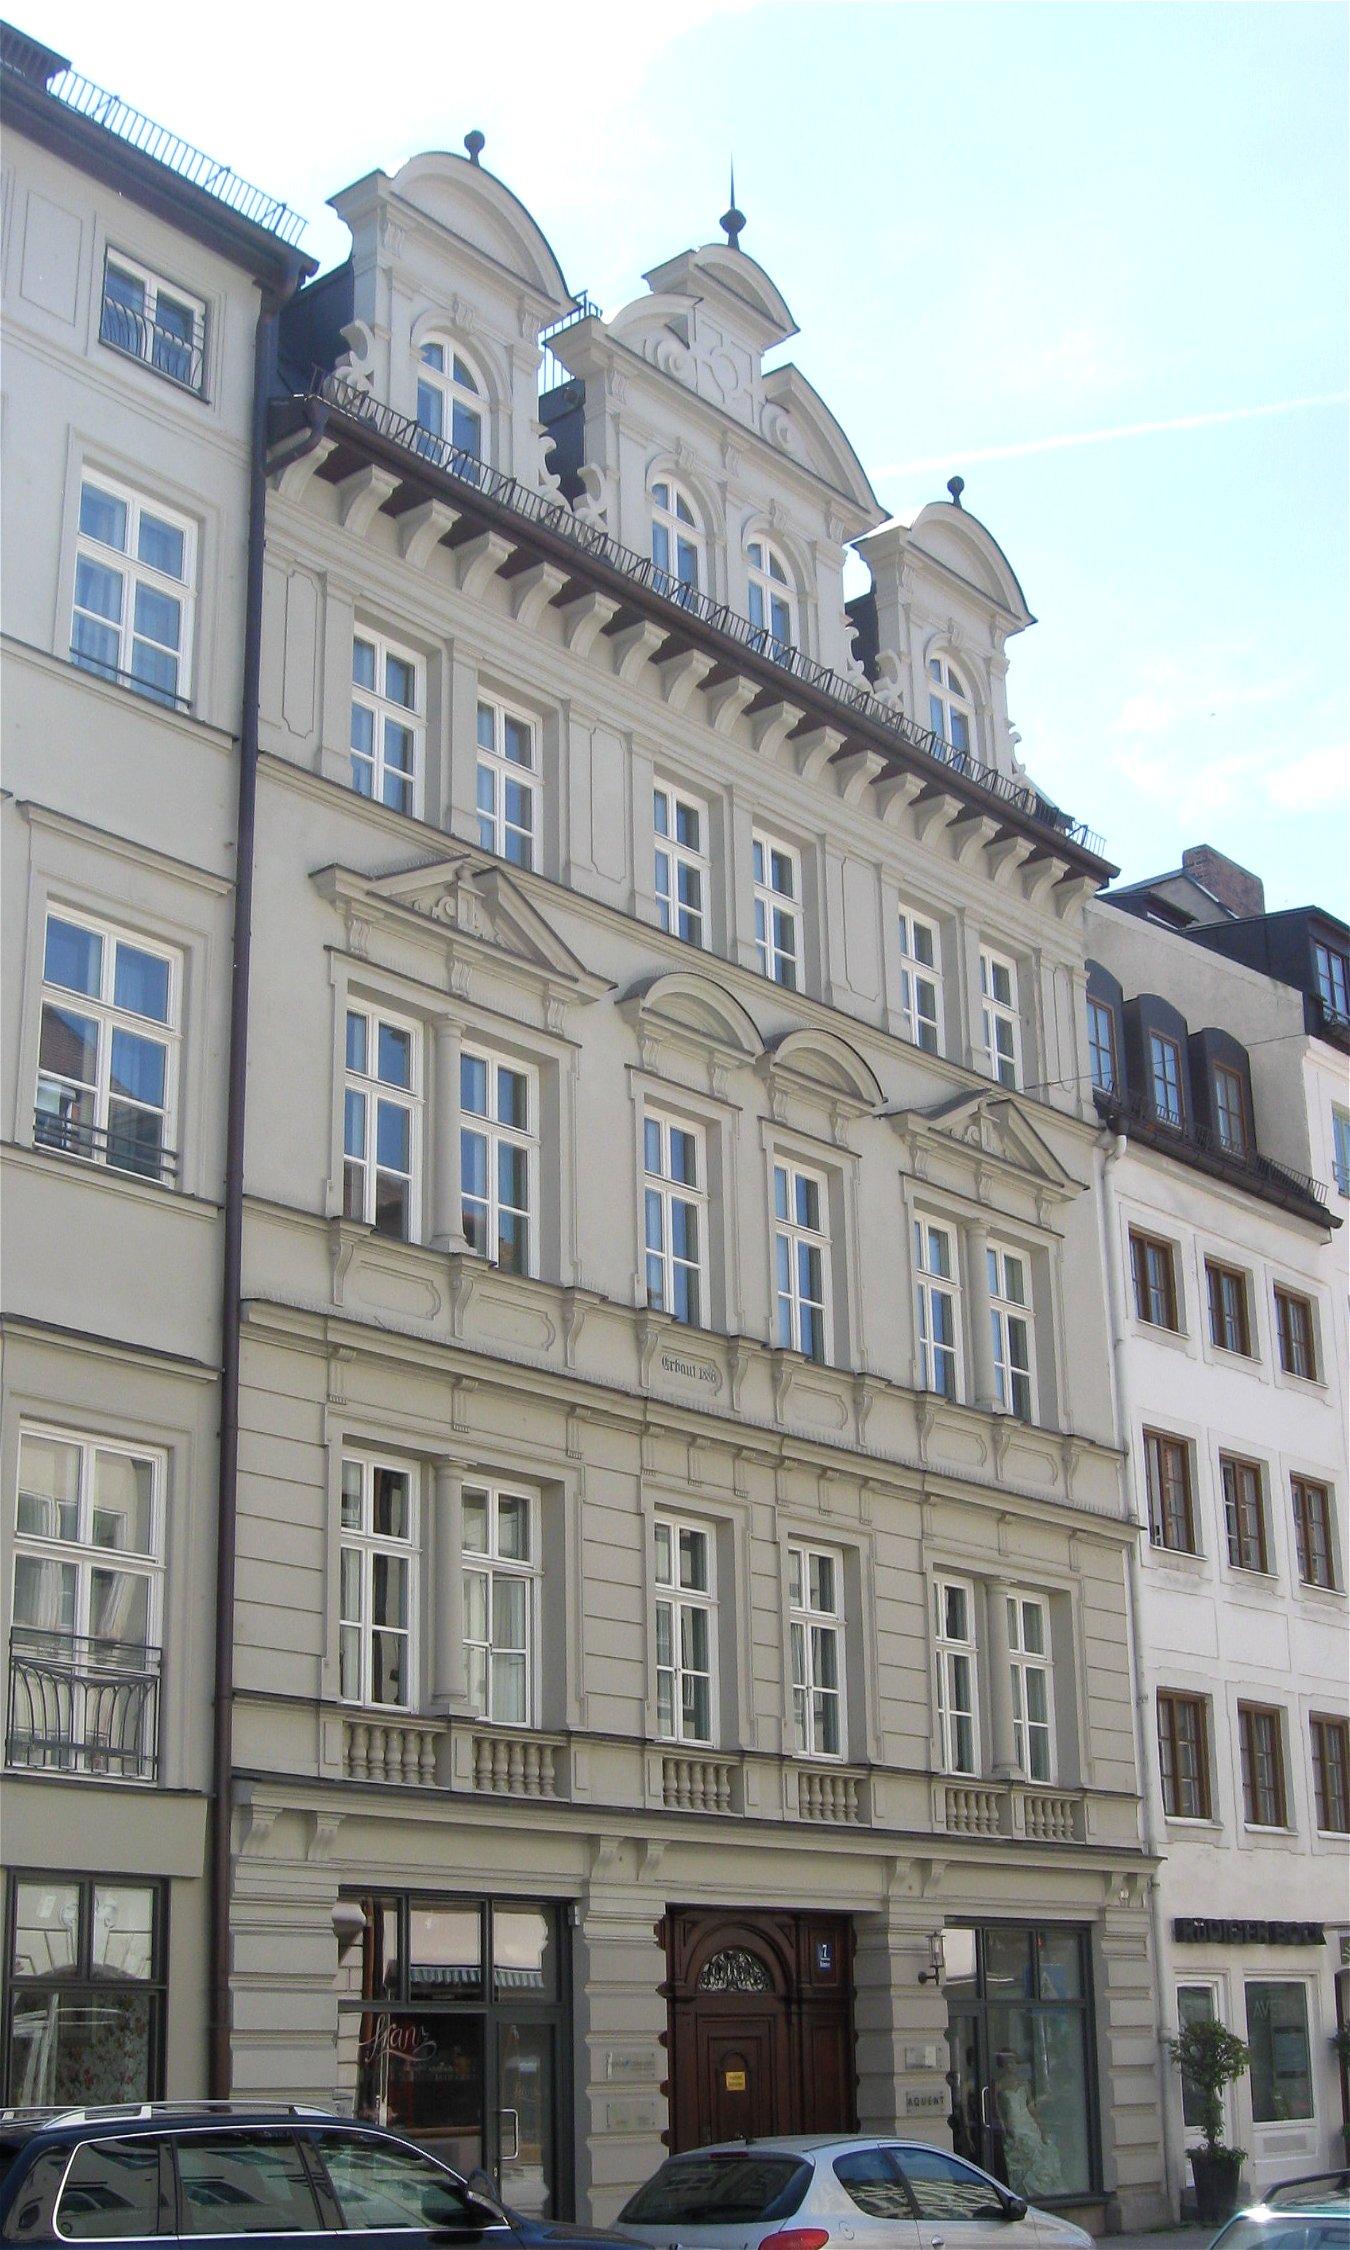 File:Brunnstr. 5-7 Muenchen-1.jpg - Wikimedia Commons